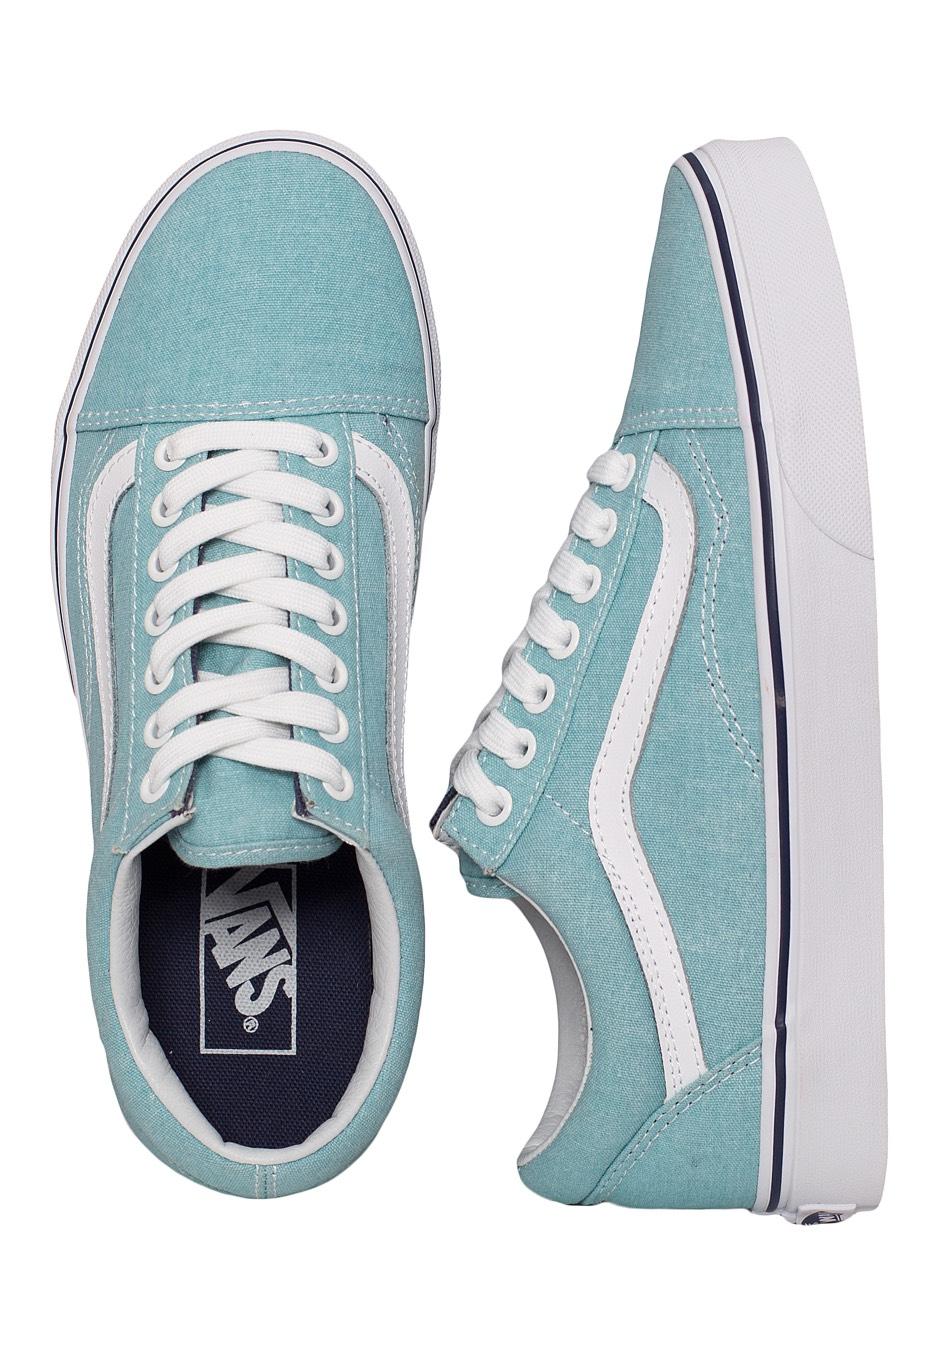 Blue Vans Shoes Australia